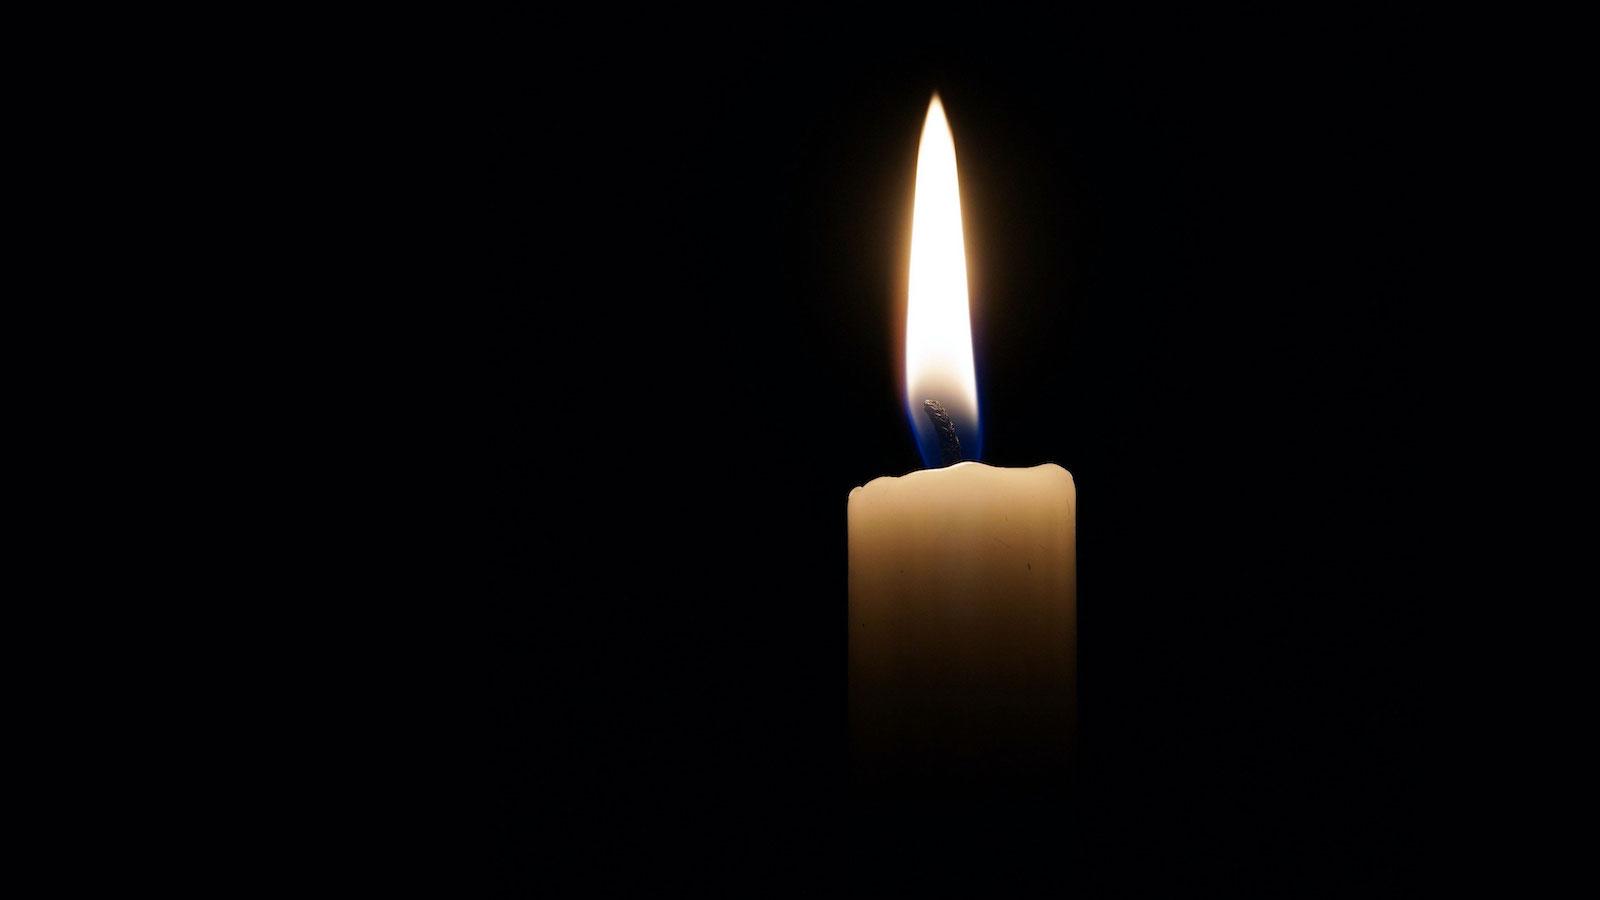 candle-image.jpeg